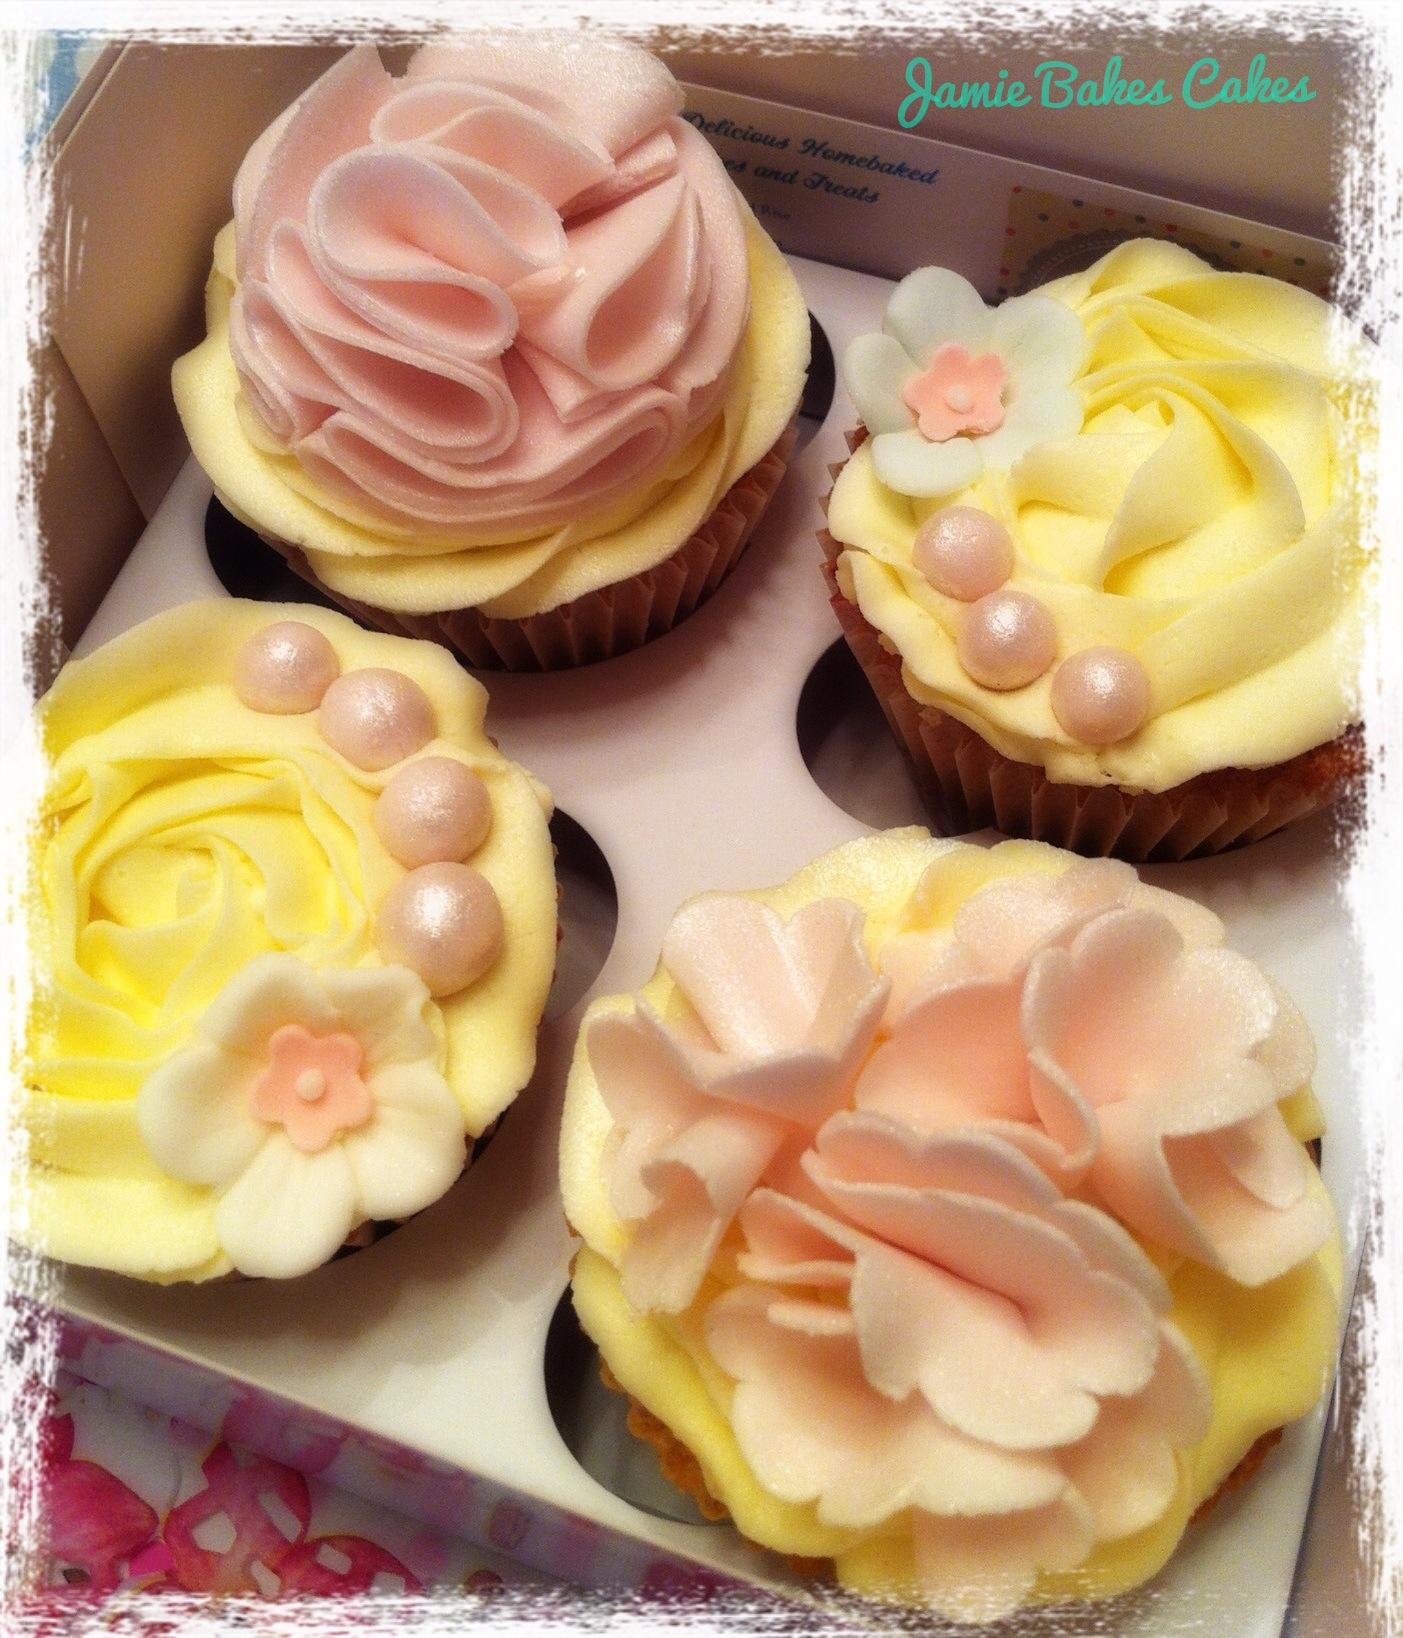 Cupcakes Jamie Bakes Cakes